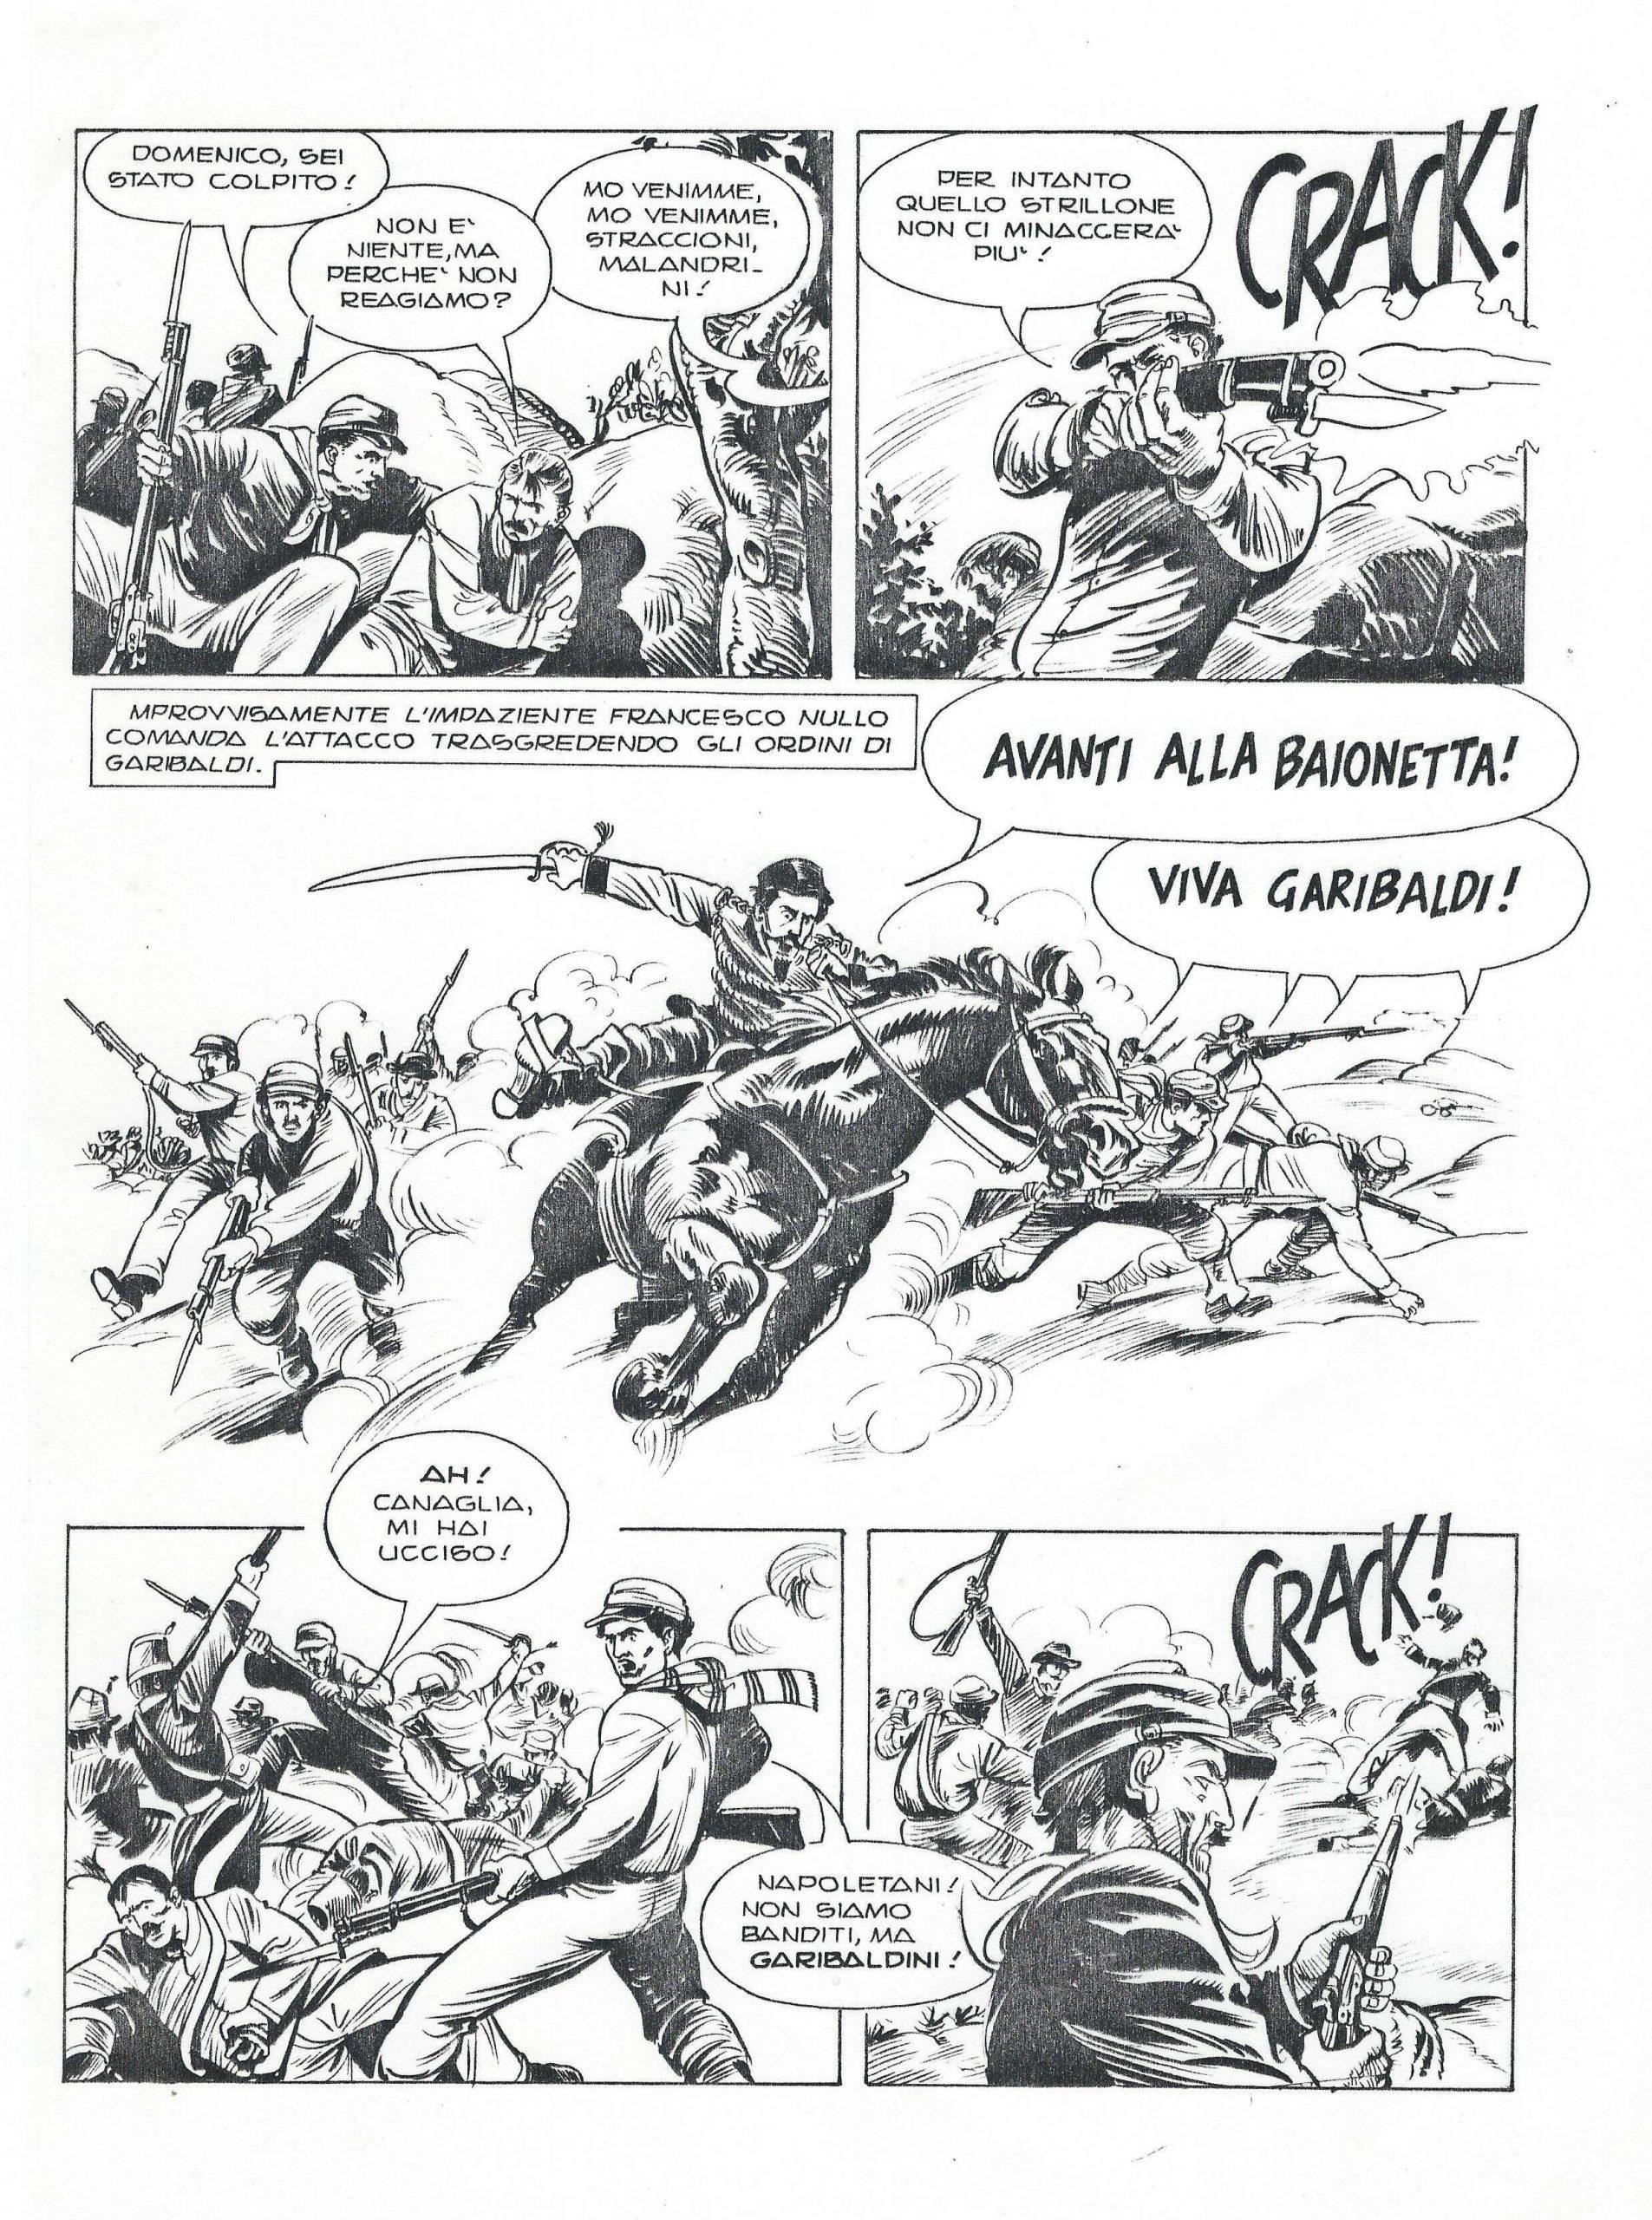 Garibaldi biographic novel